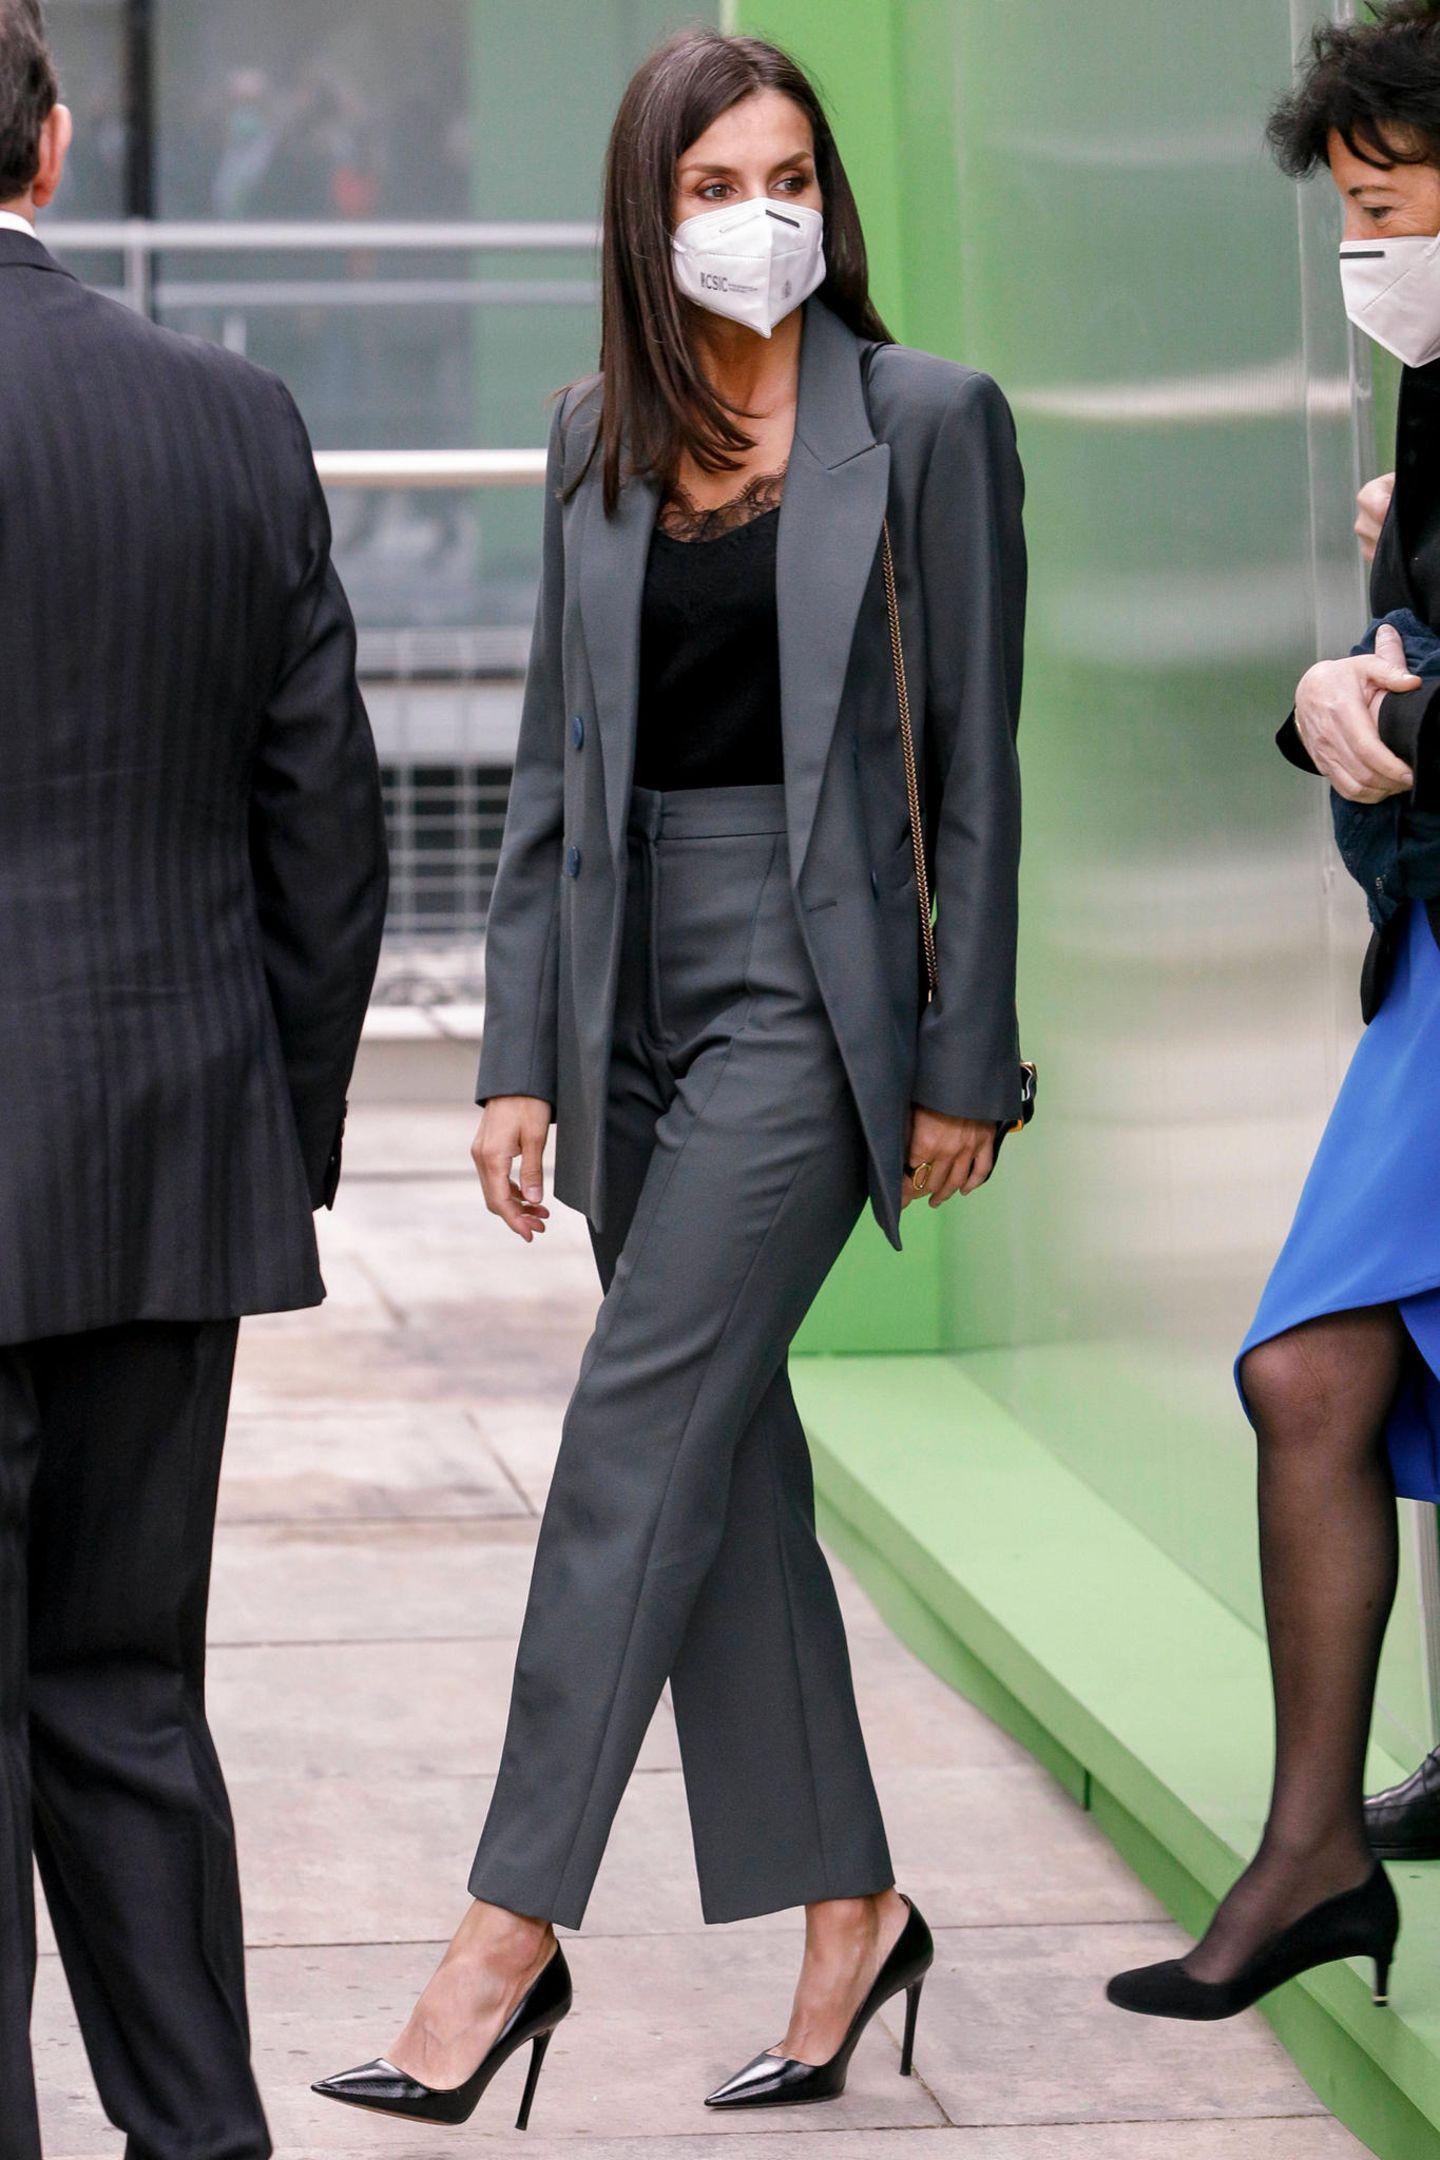 Königin Letizia von Spanien zeigt sich bei der Eröffnung eines Innovations- und Ausbildungszentrums in Madrid perfekt gestylt wie immer. Die Königin setzt auf einen grün-grauen Hosenanzug des spanischen Labels Bimba Y Lola. Dazu kombiniert sie ein edles Top mit Spitzendetails und Prada-Pumps mit satten 13 Zentimeter Absatz.